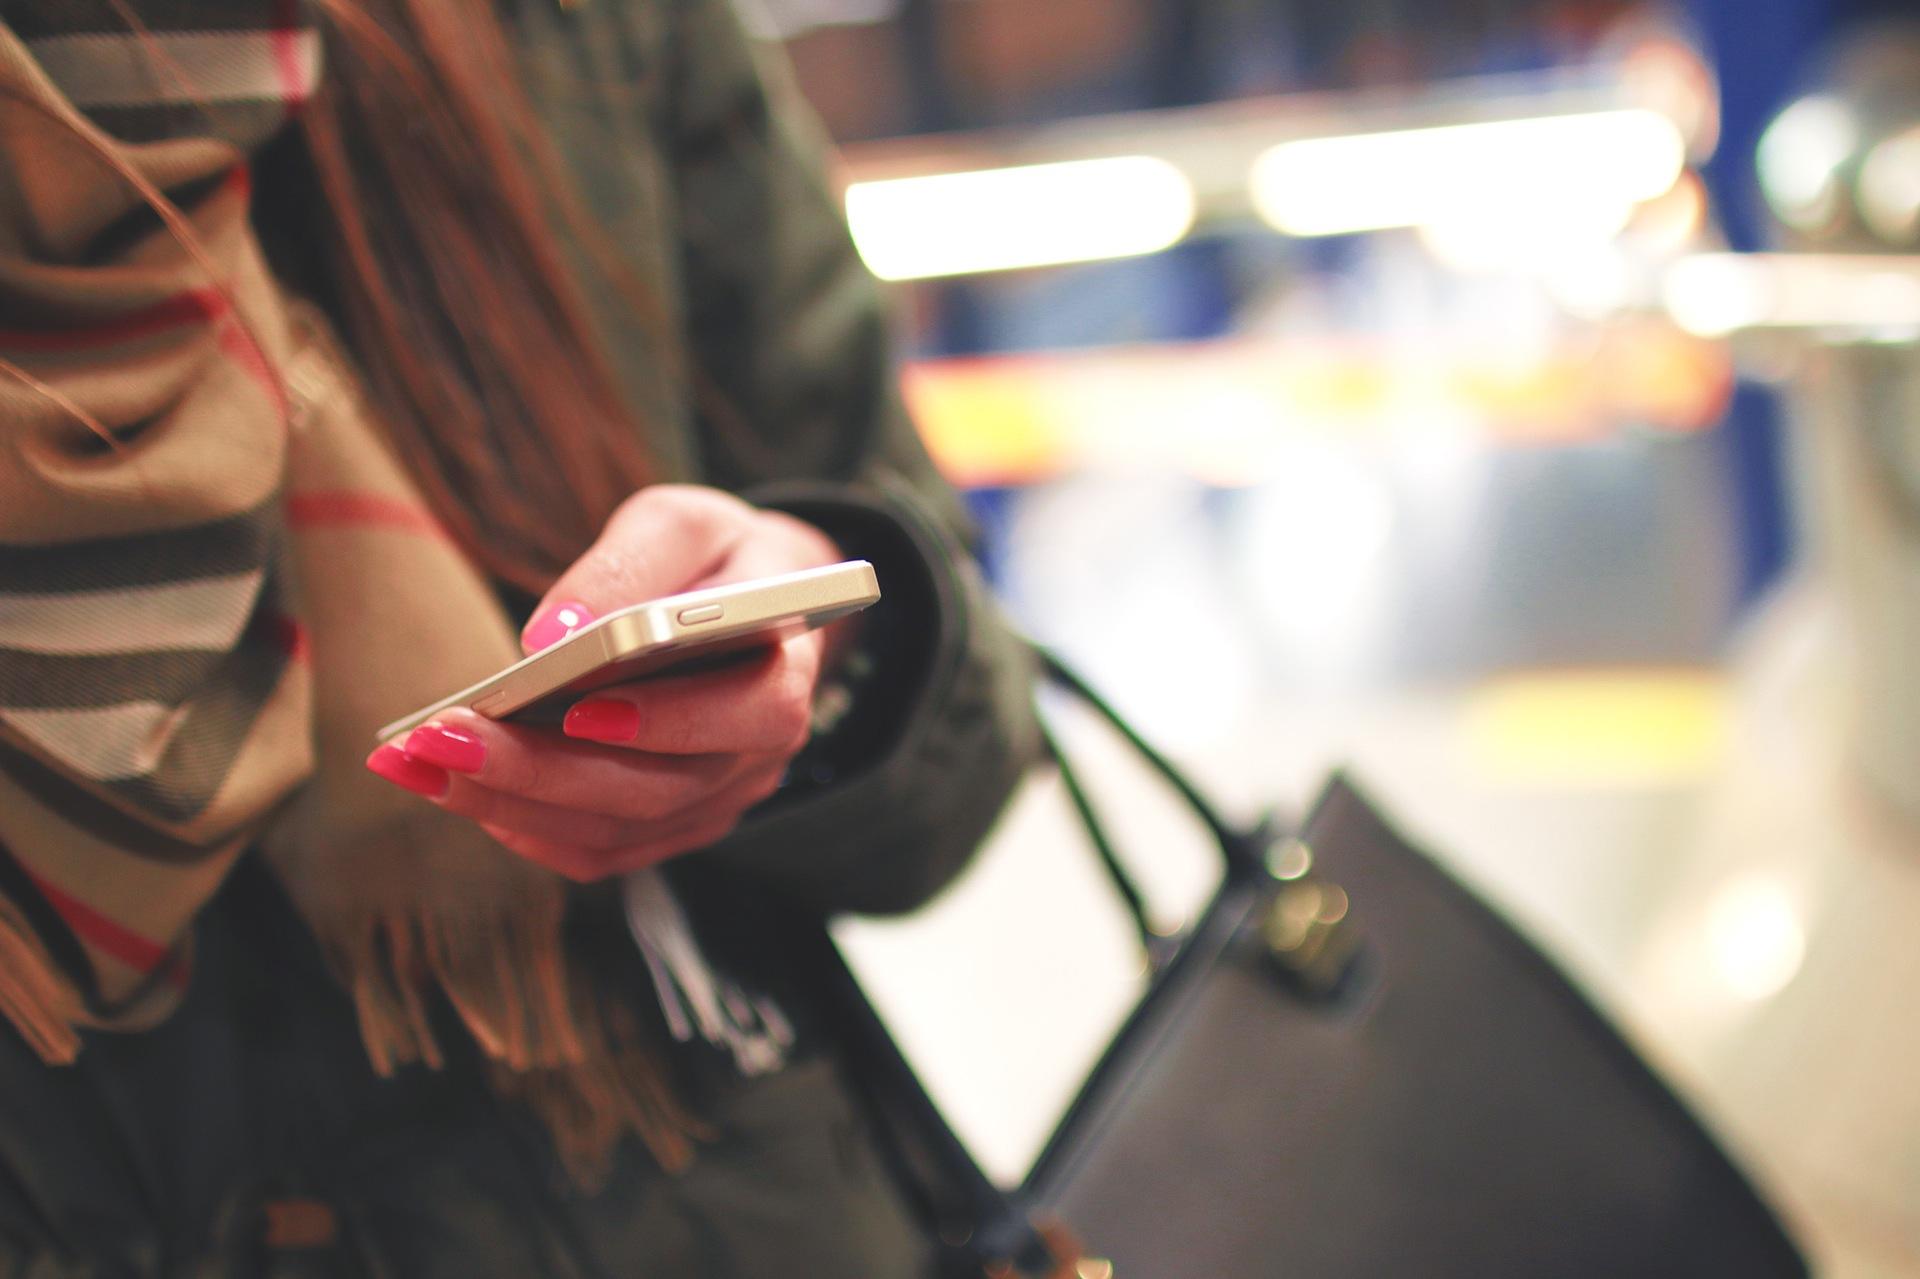 Najbardziej złośliwe wirusy na smartfona Wirusy mediarun wirus mobile